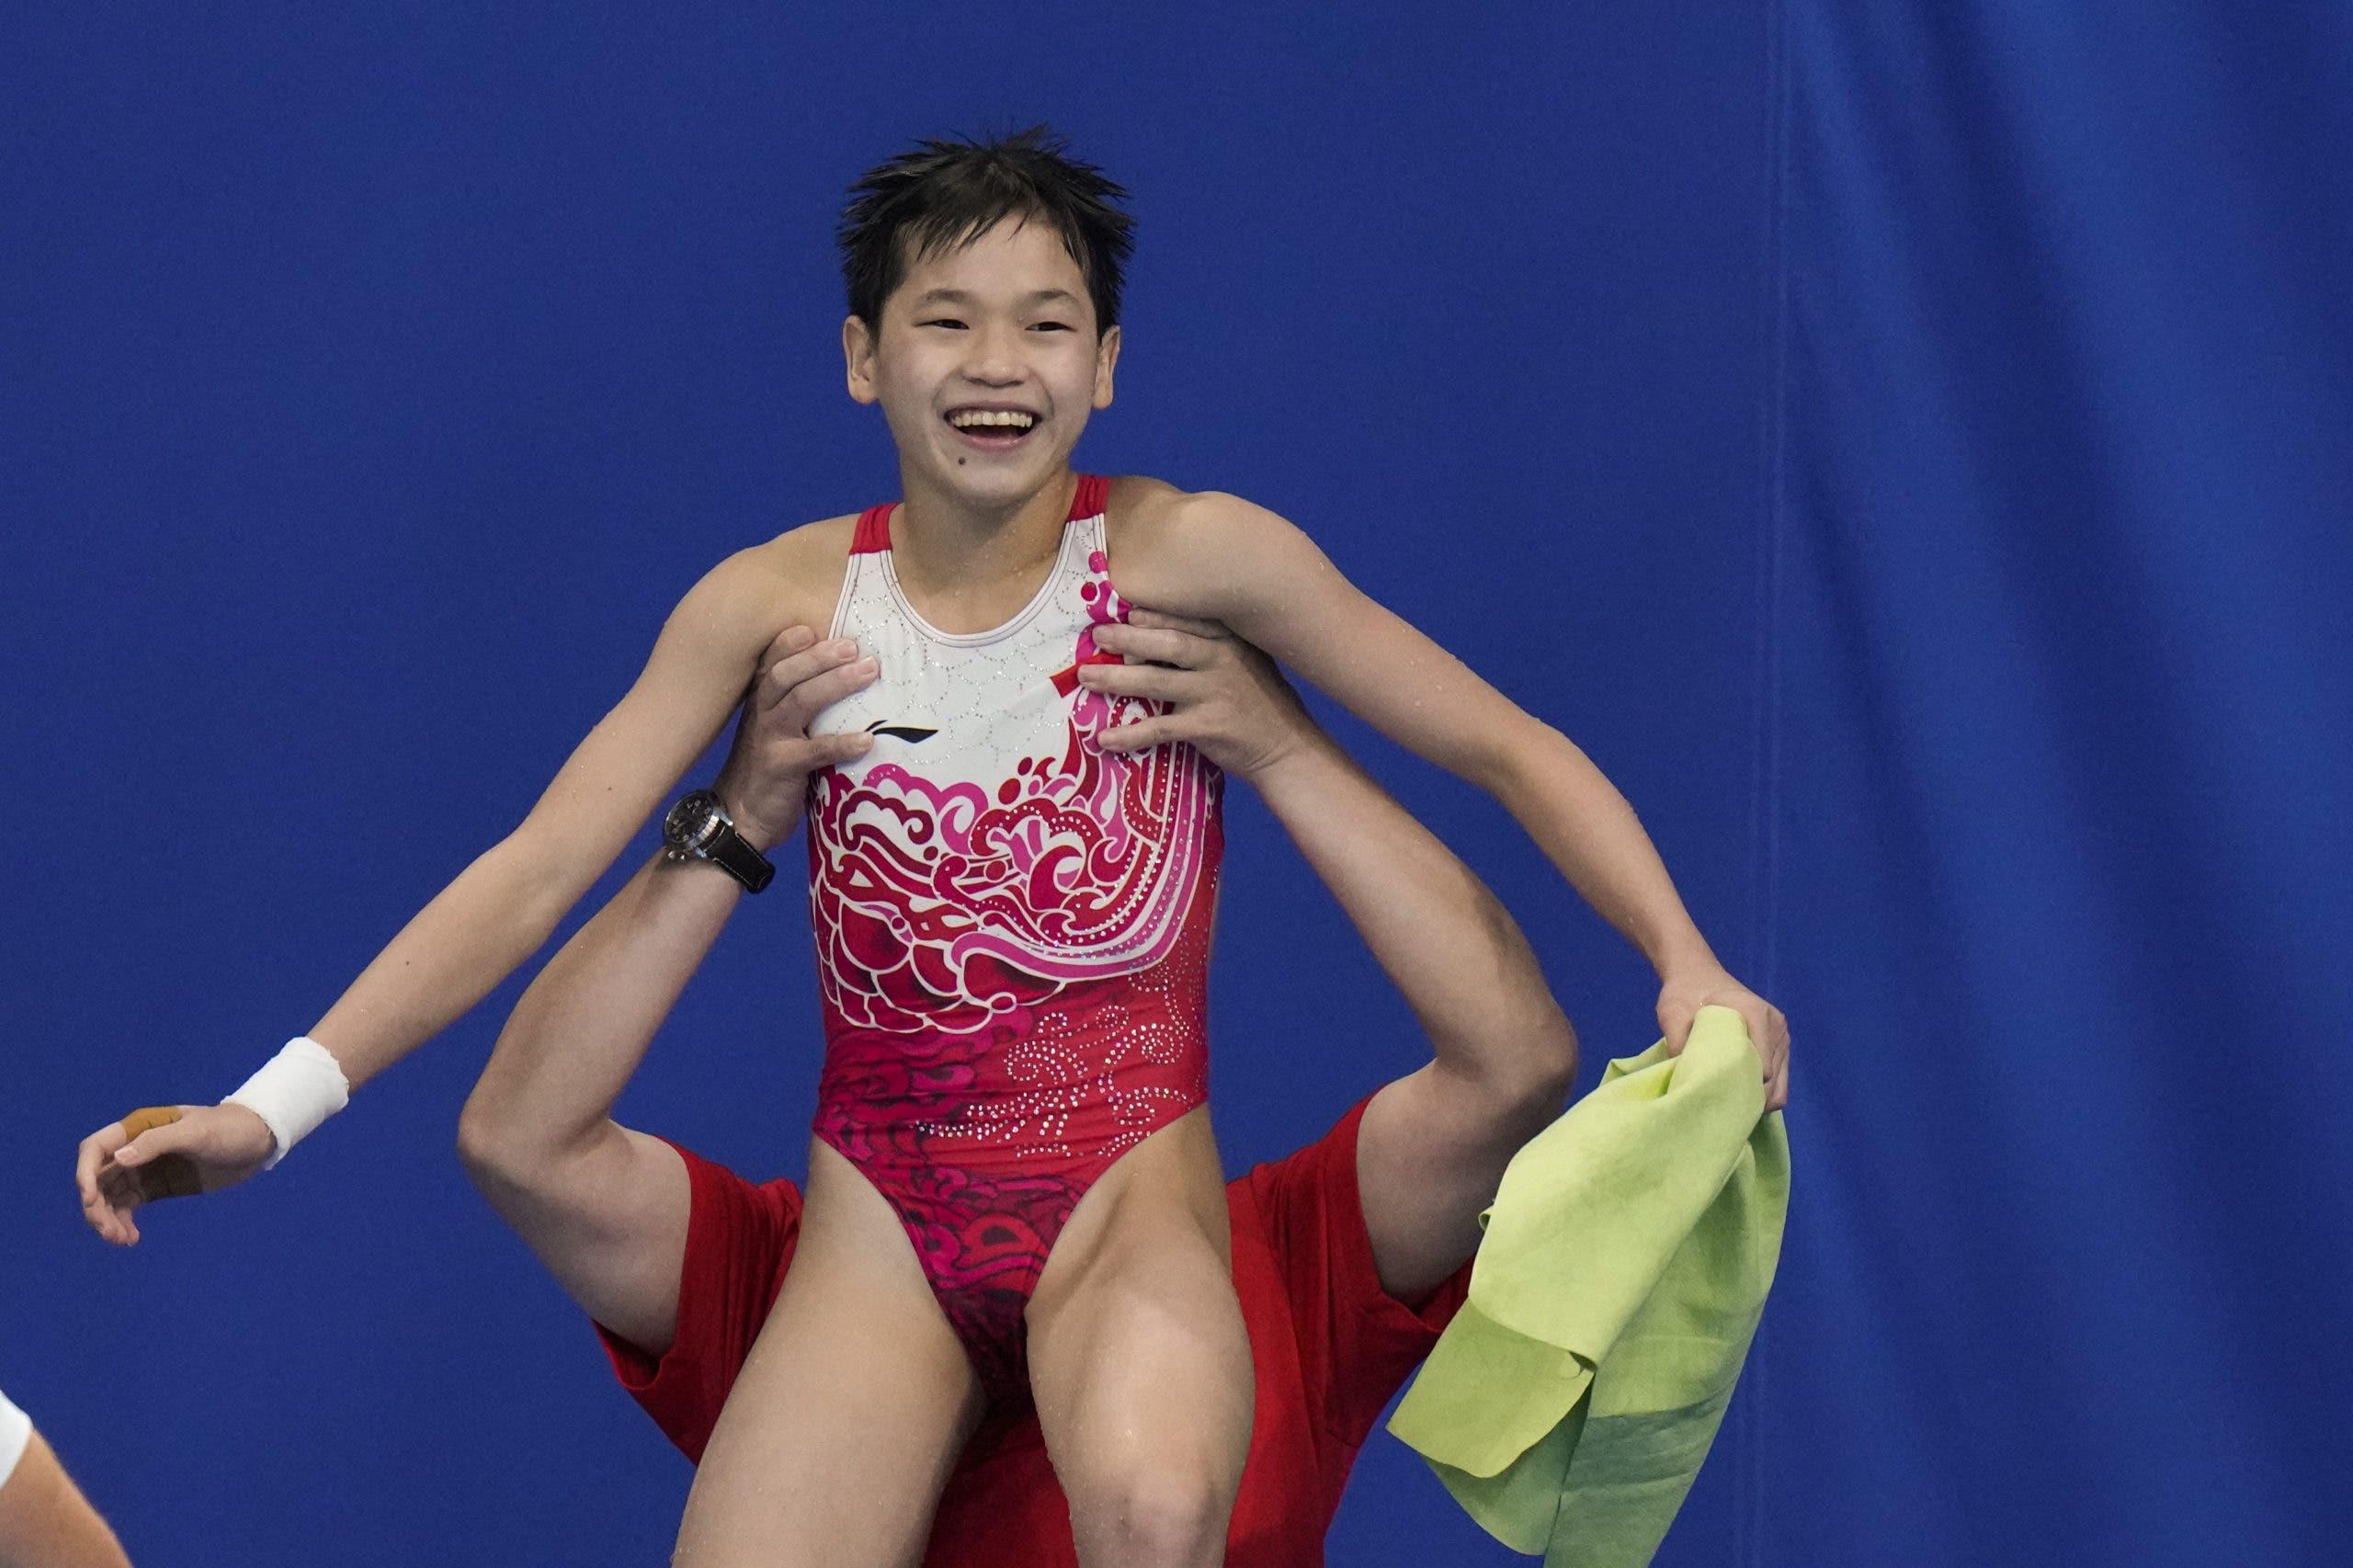 Juegos Olímpicos de Tokio: Quan Hongchan, la clavadista de 14 años que obtuvo dos 10 perfectos e hizo historia